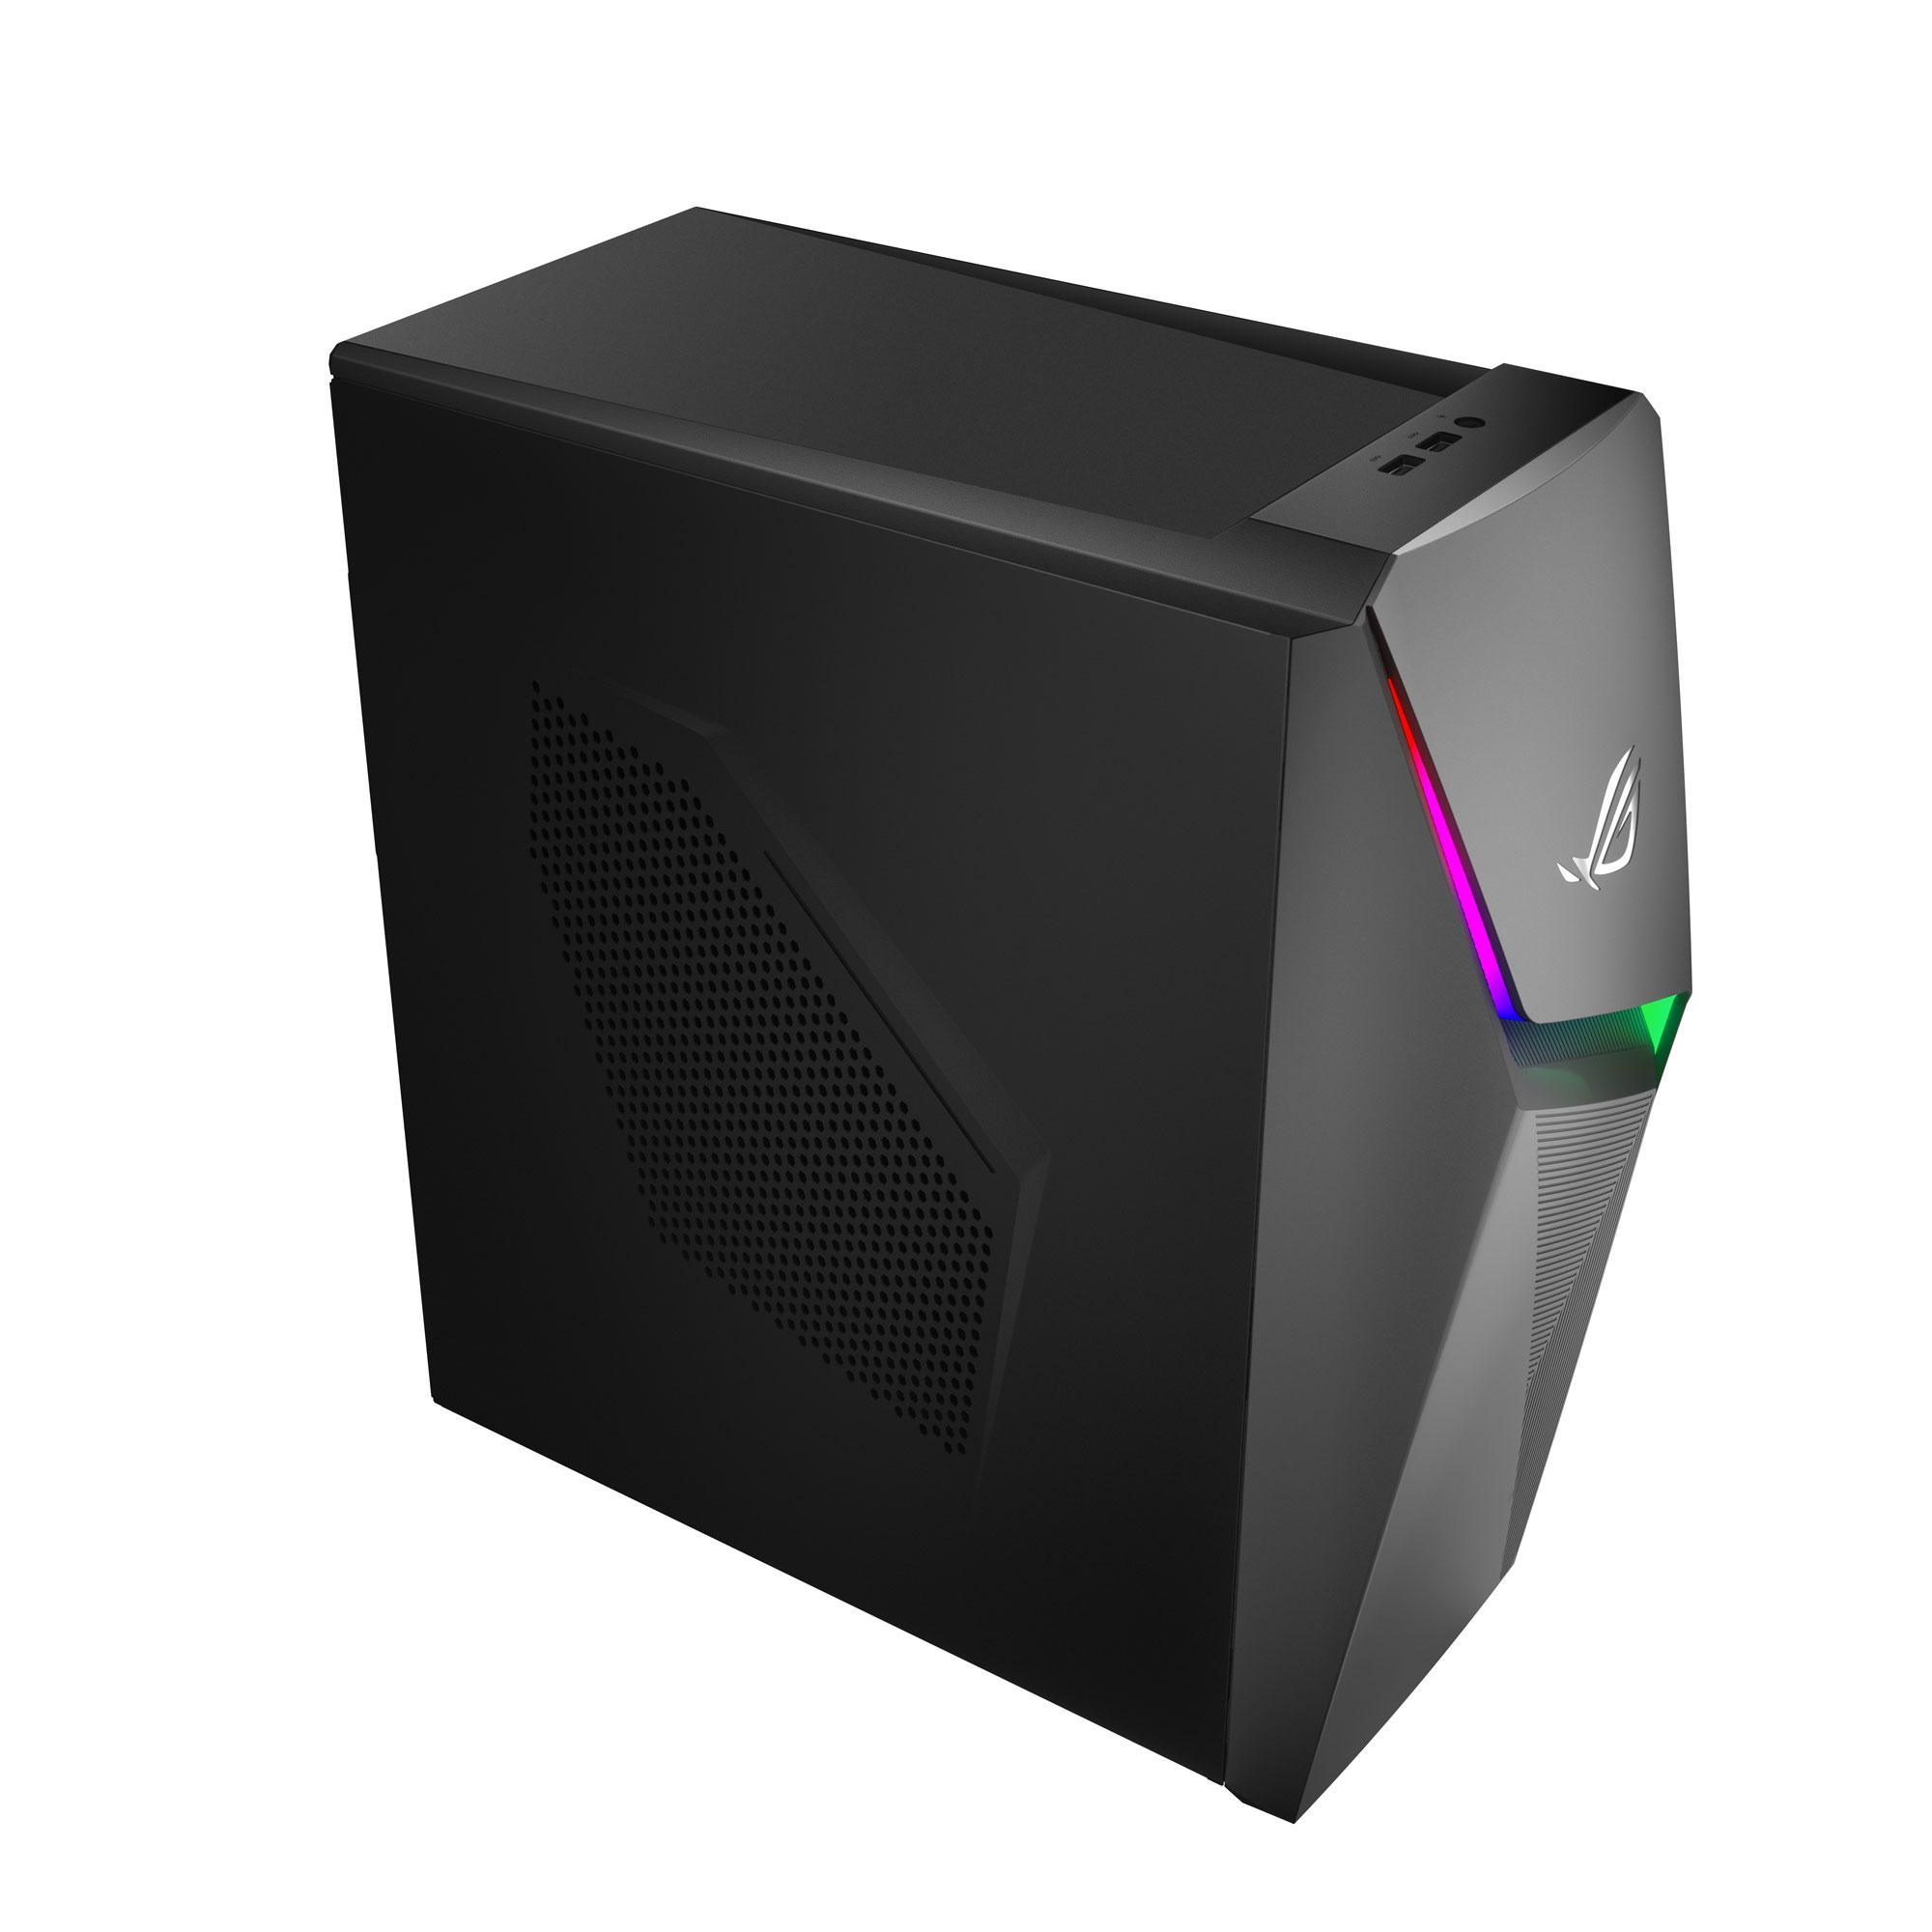 Asus предлагает мощный компьютер Strix GL10CS